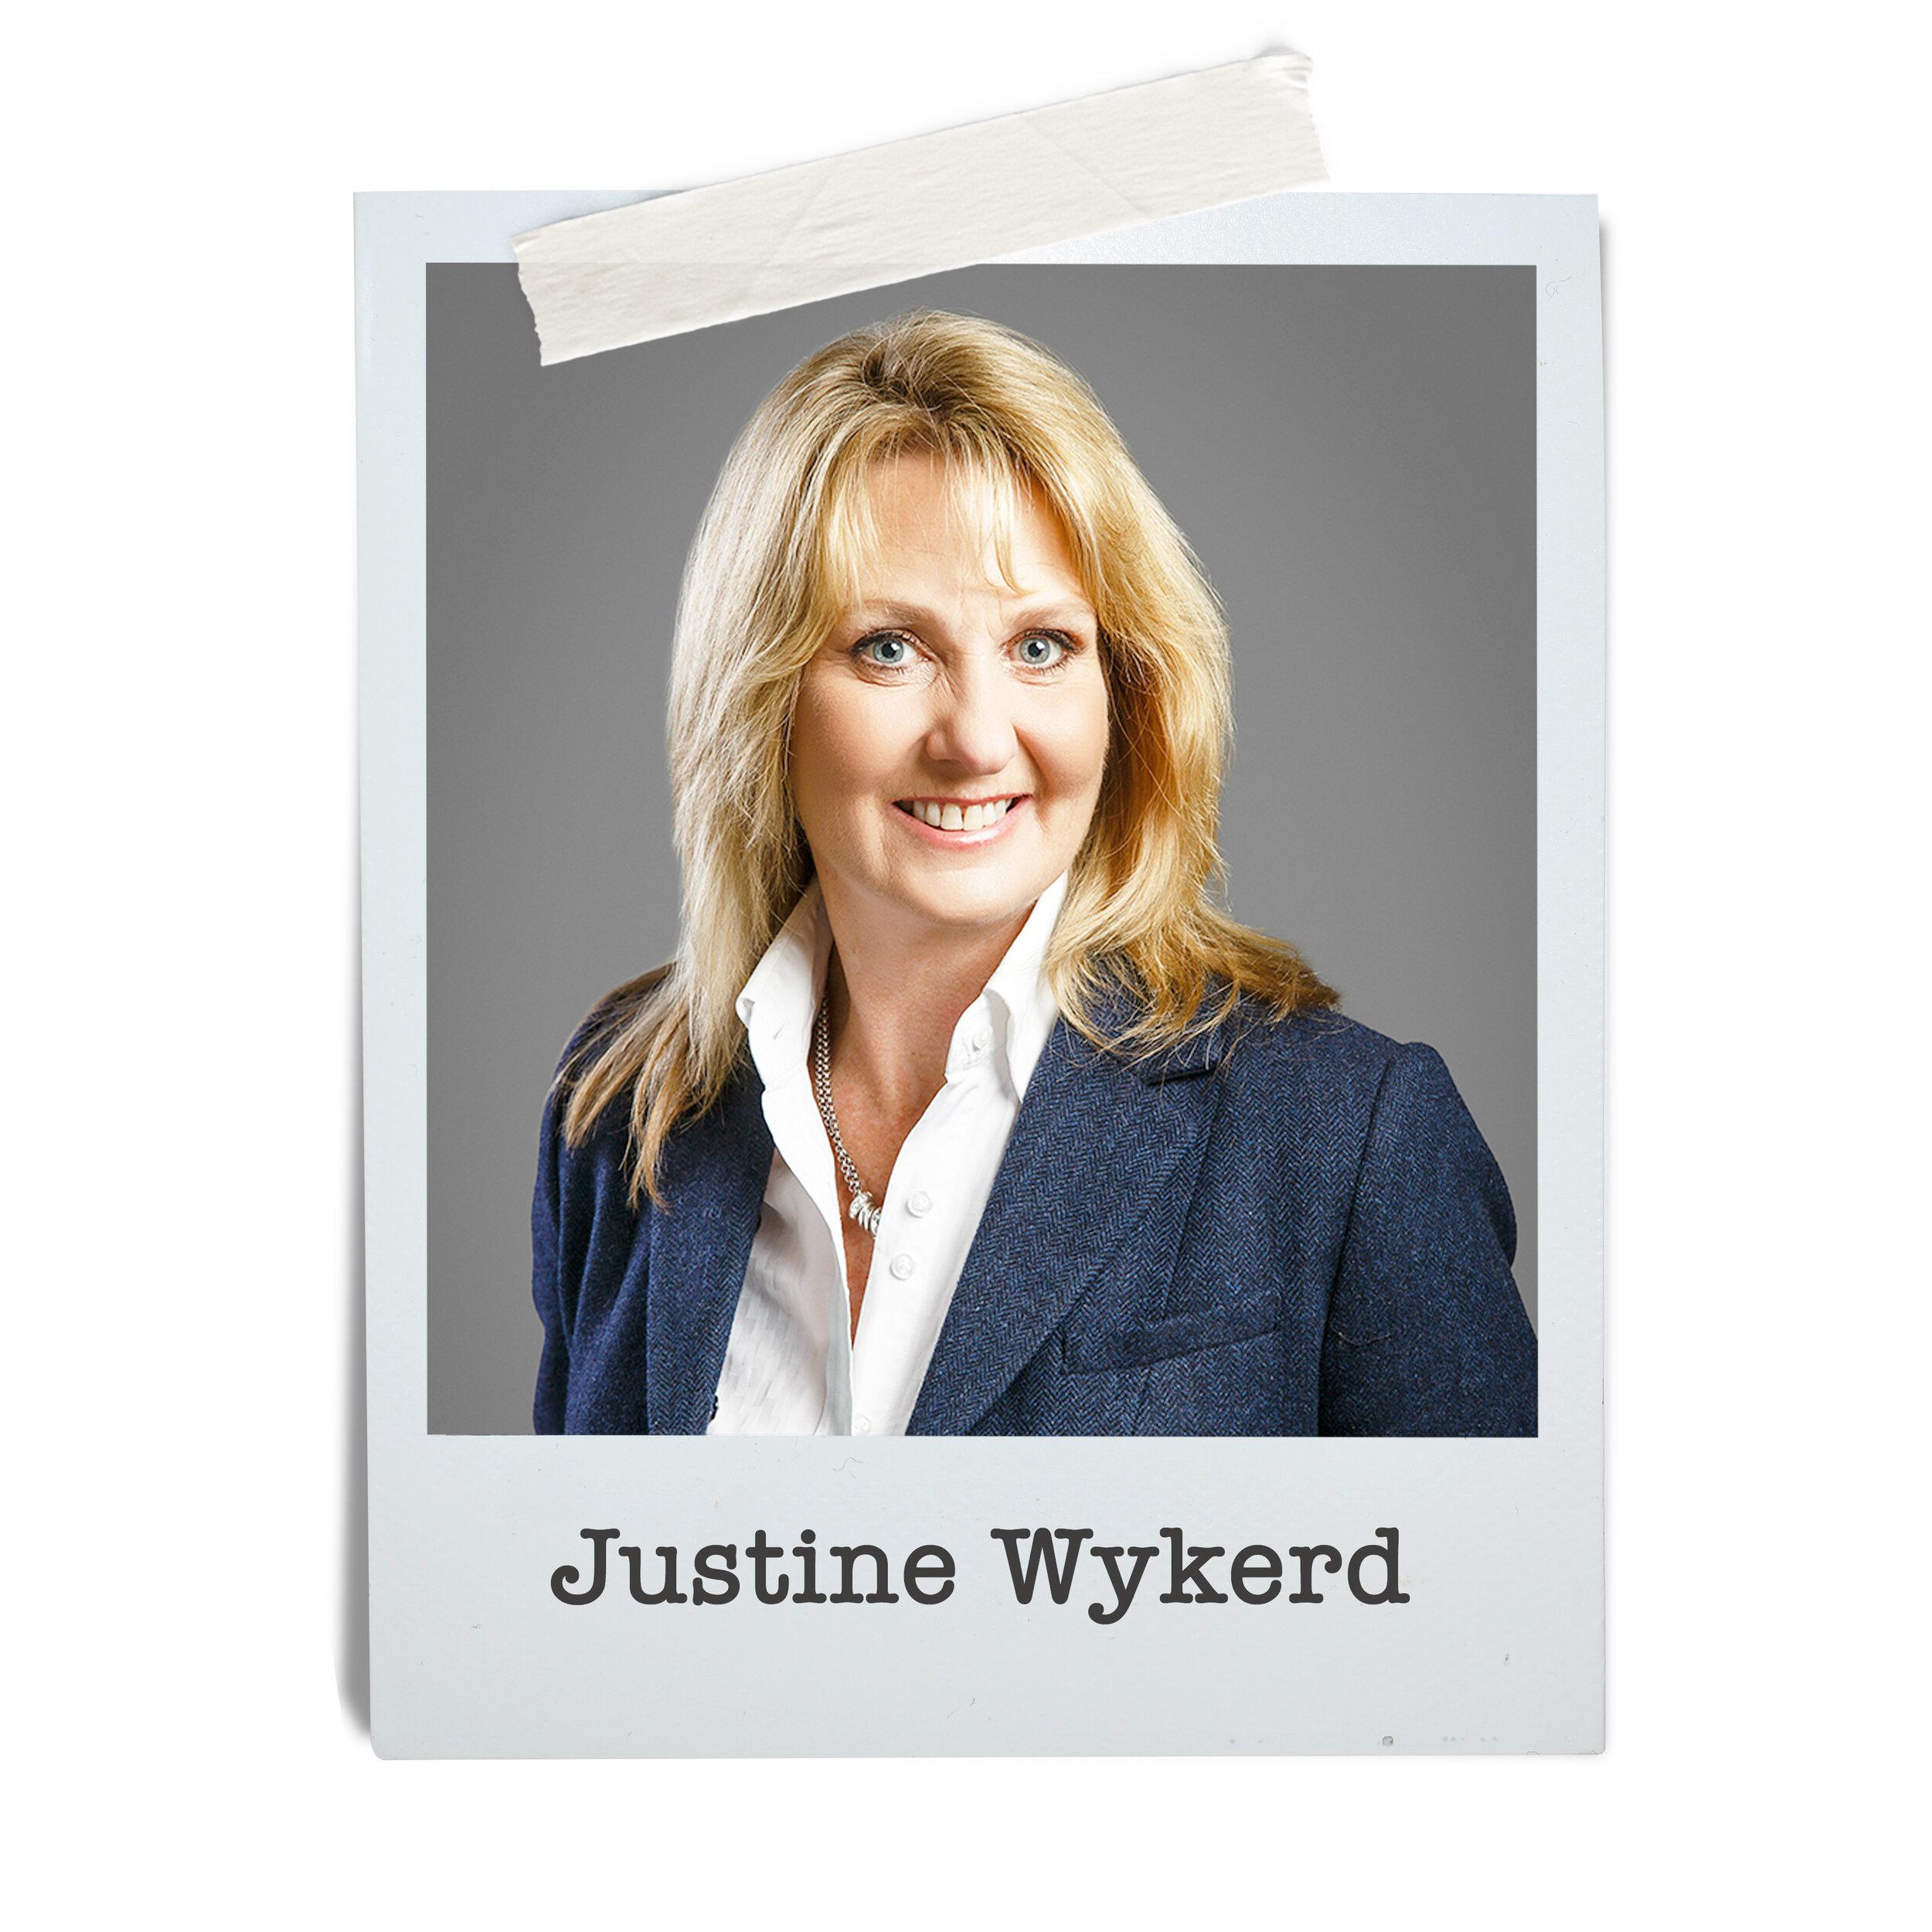 Justine Wykerd